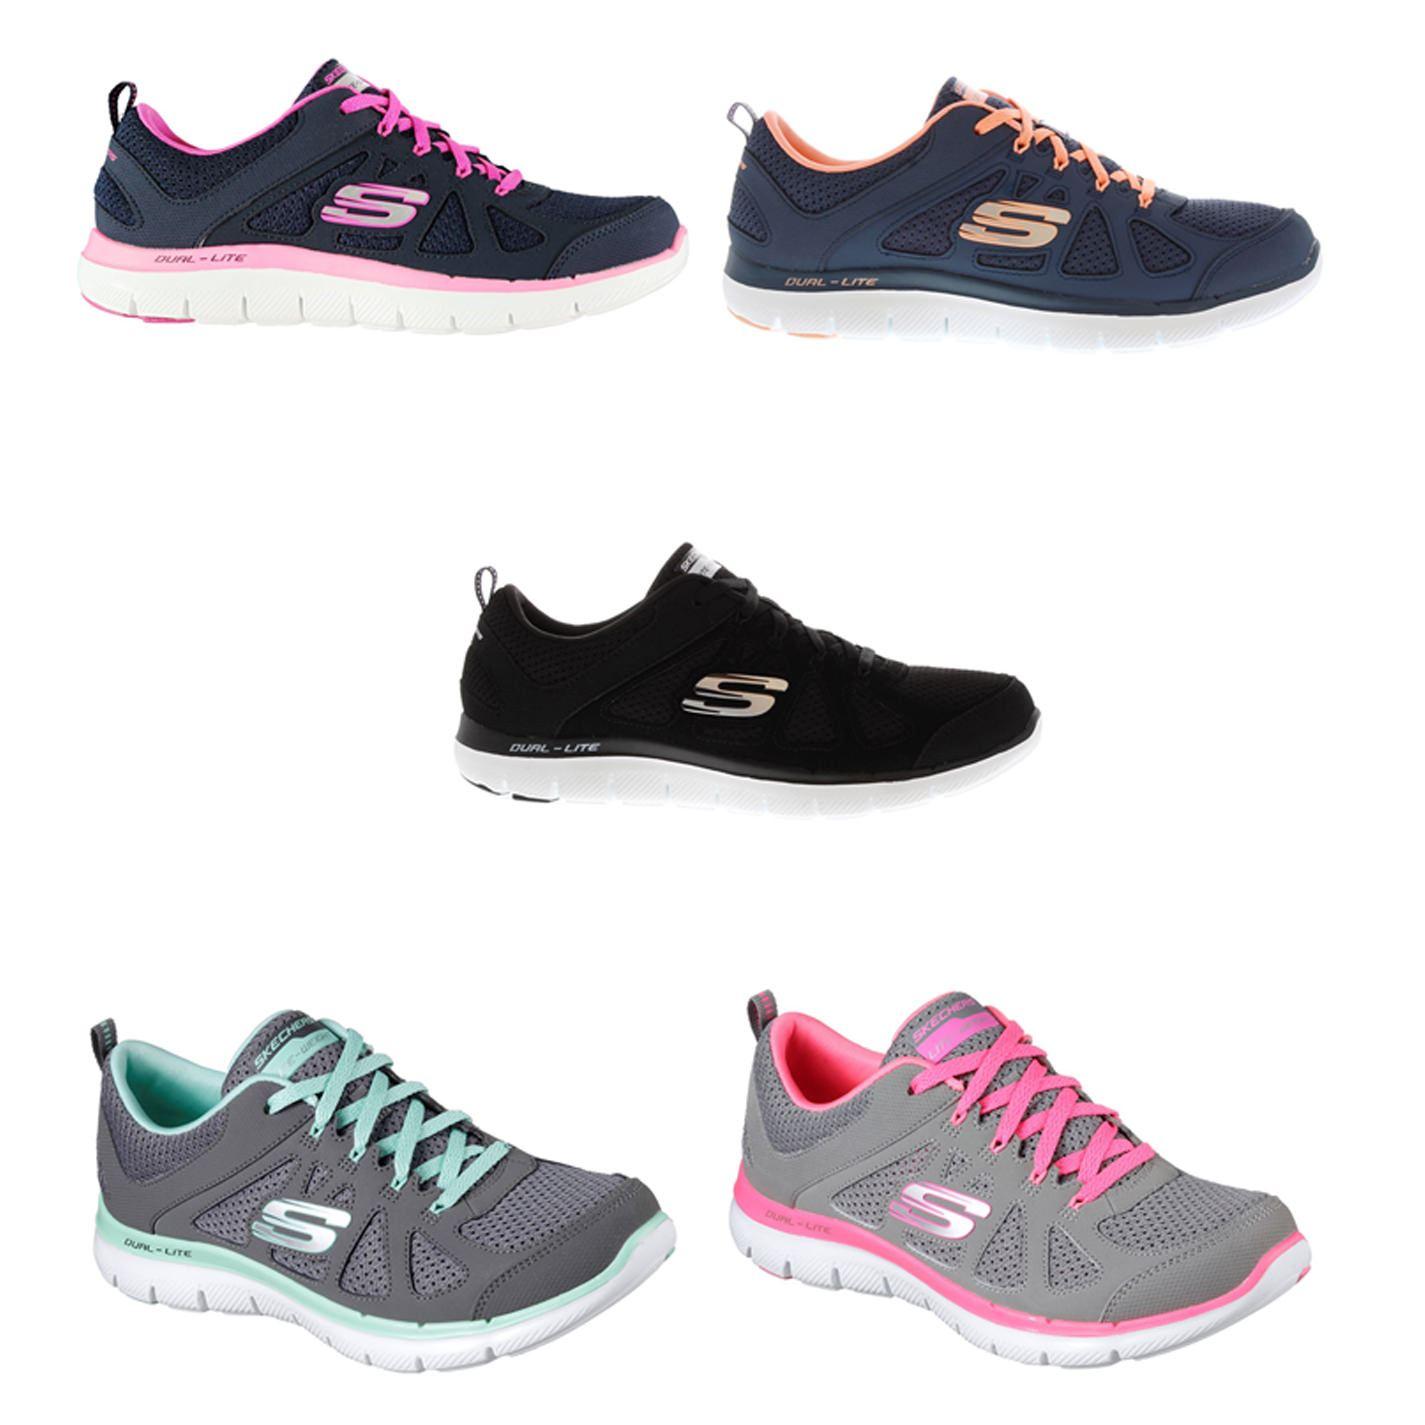 Détails sur Skechers Flex Appeal Baskets Chaussures pour Femmes Femmes Chaussures